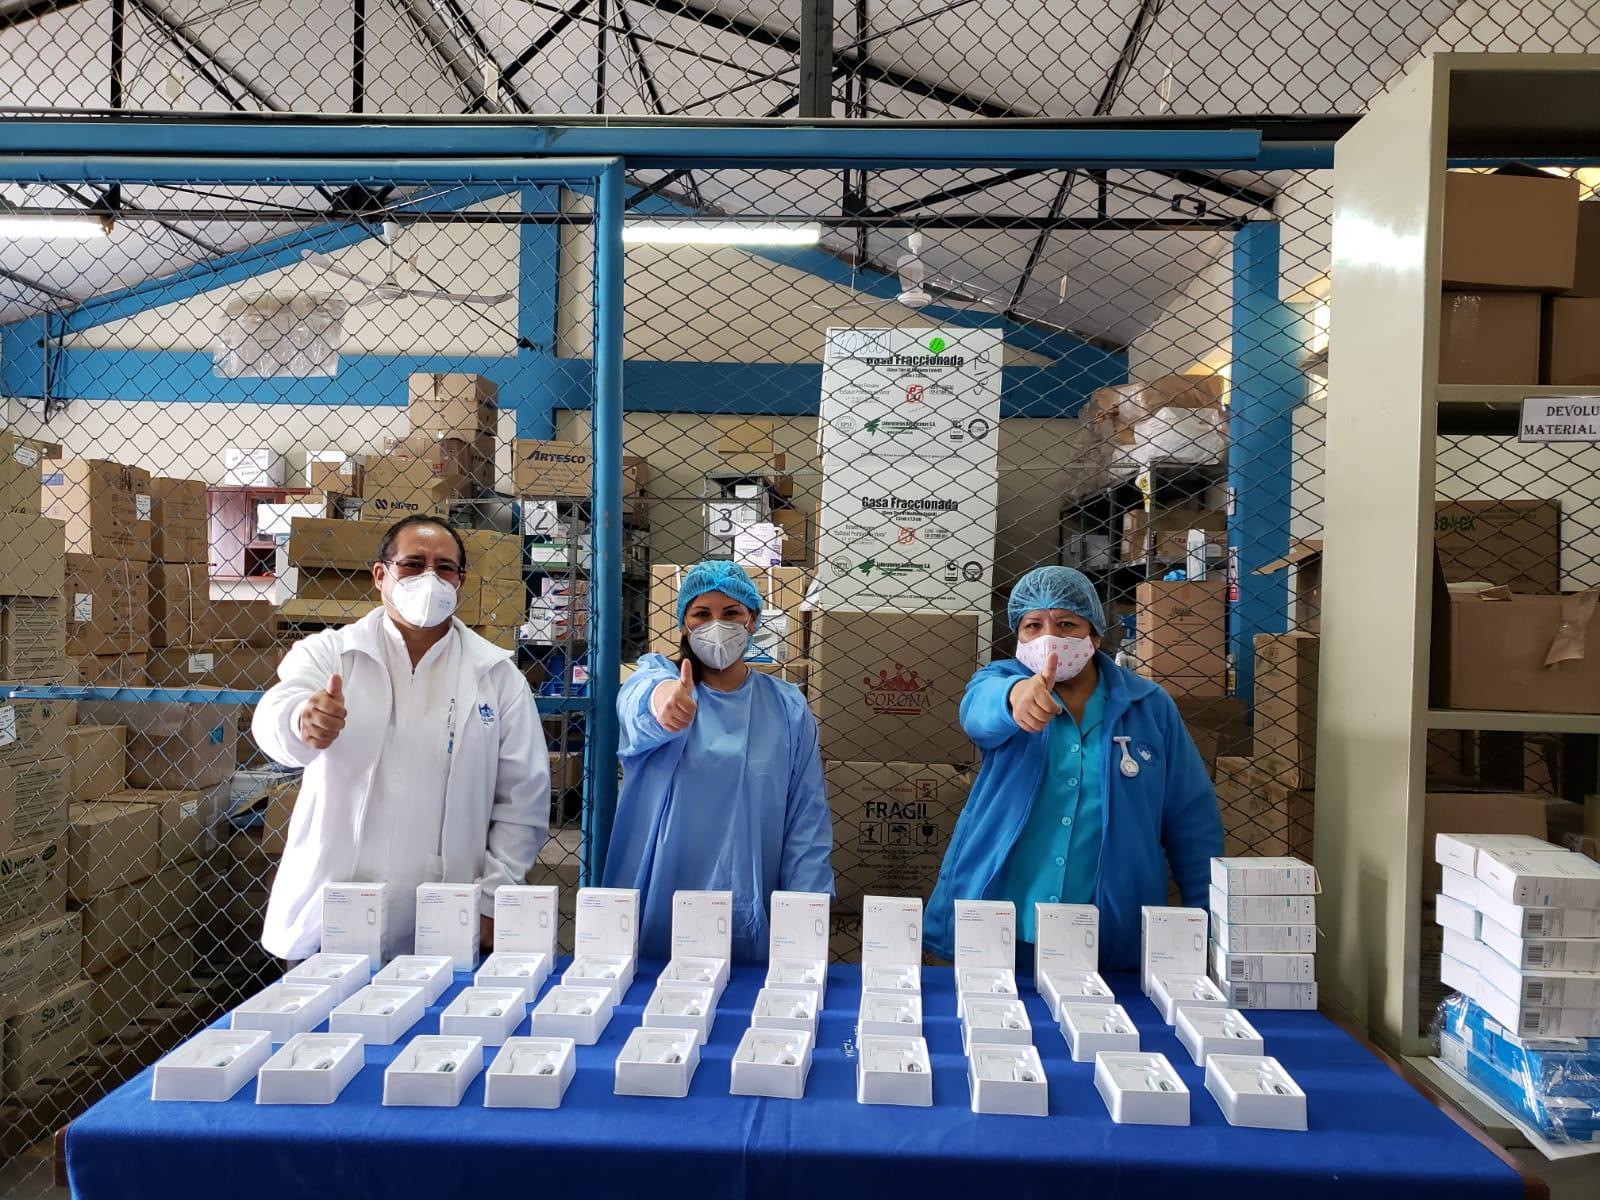 Essalud - EsSalud Tacna recibe modernos termómetros clínicos digitales para distribuir en sus centros asistenciales